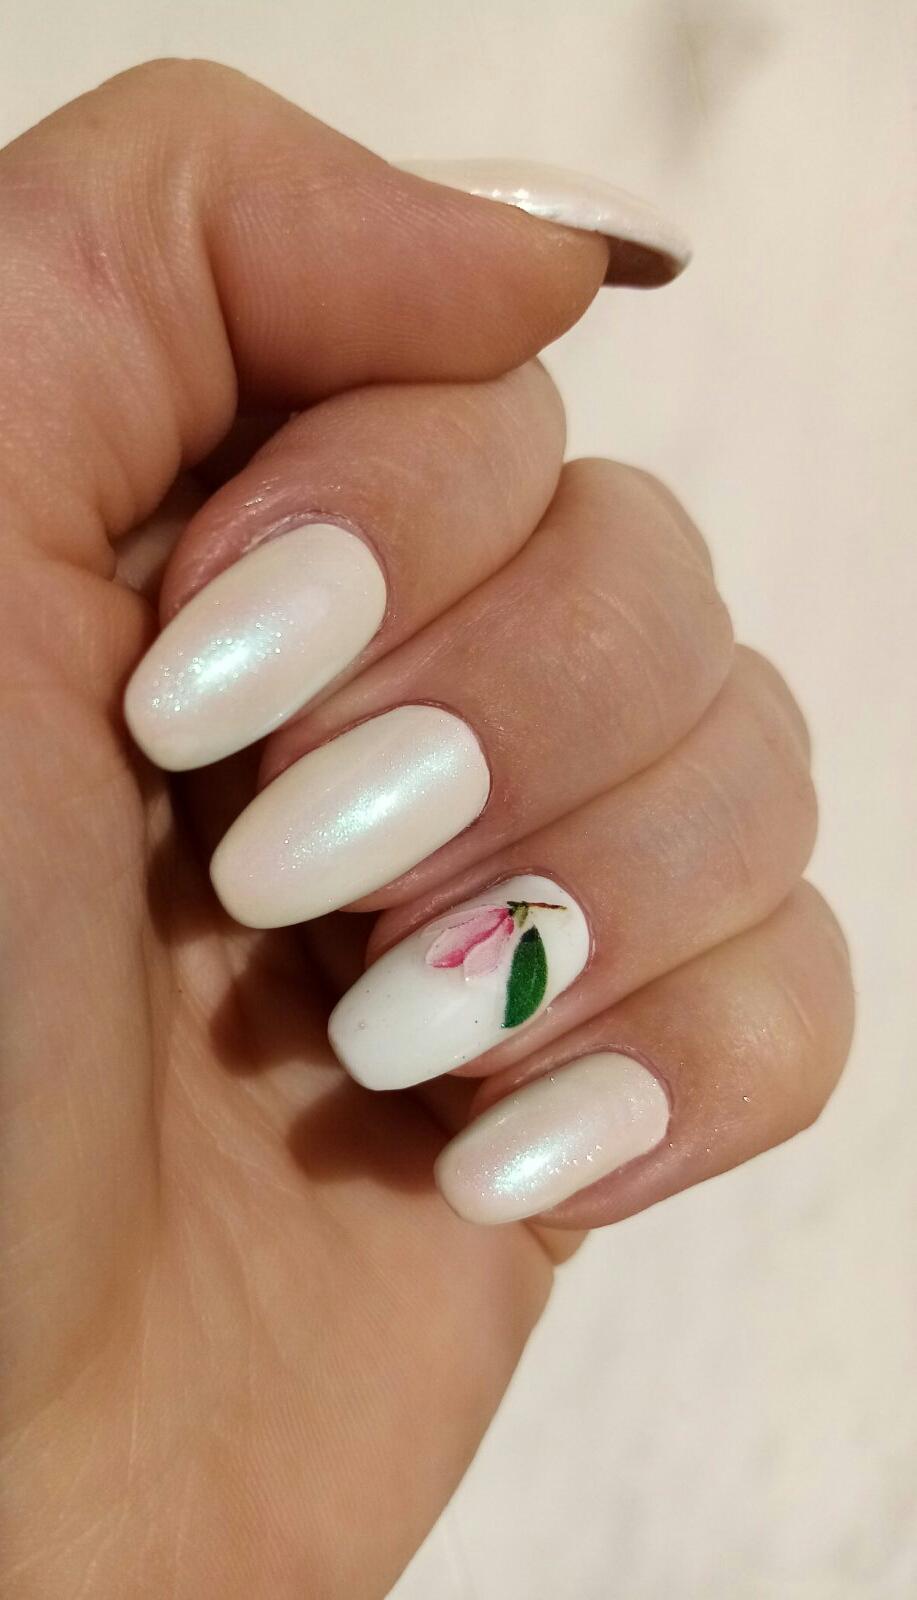 Маникюр с цветочной лепкой и втиркой в молочном цвете на длинные ногти.